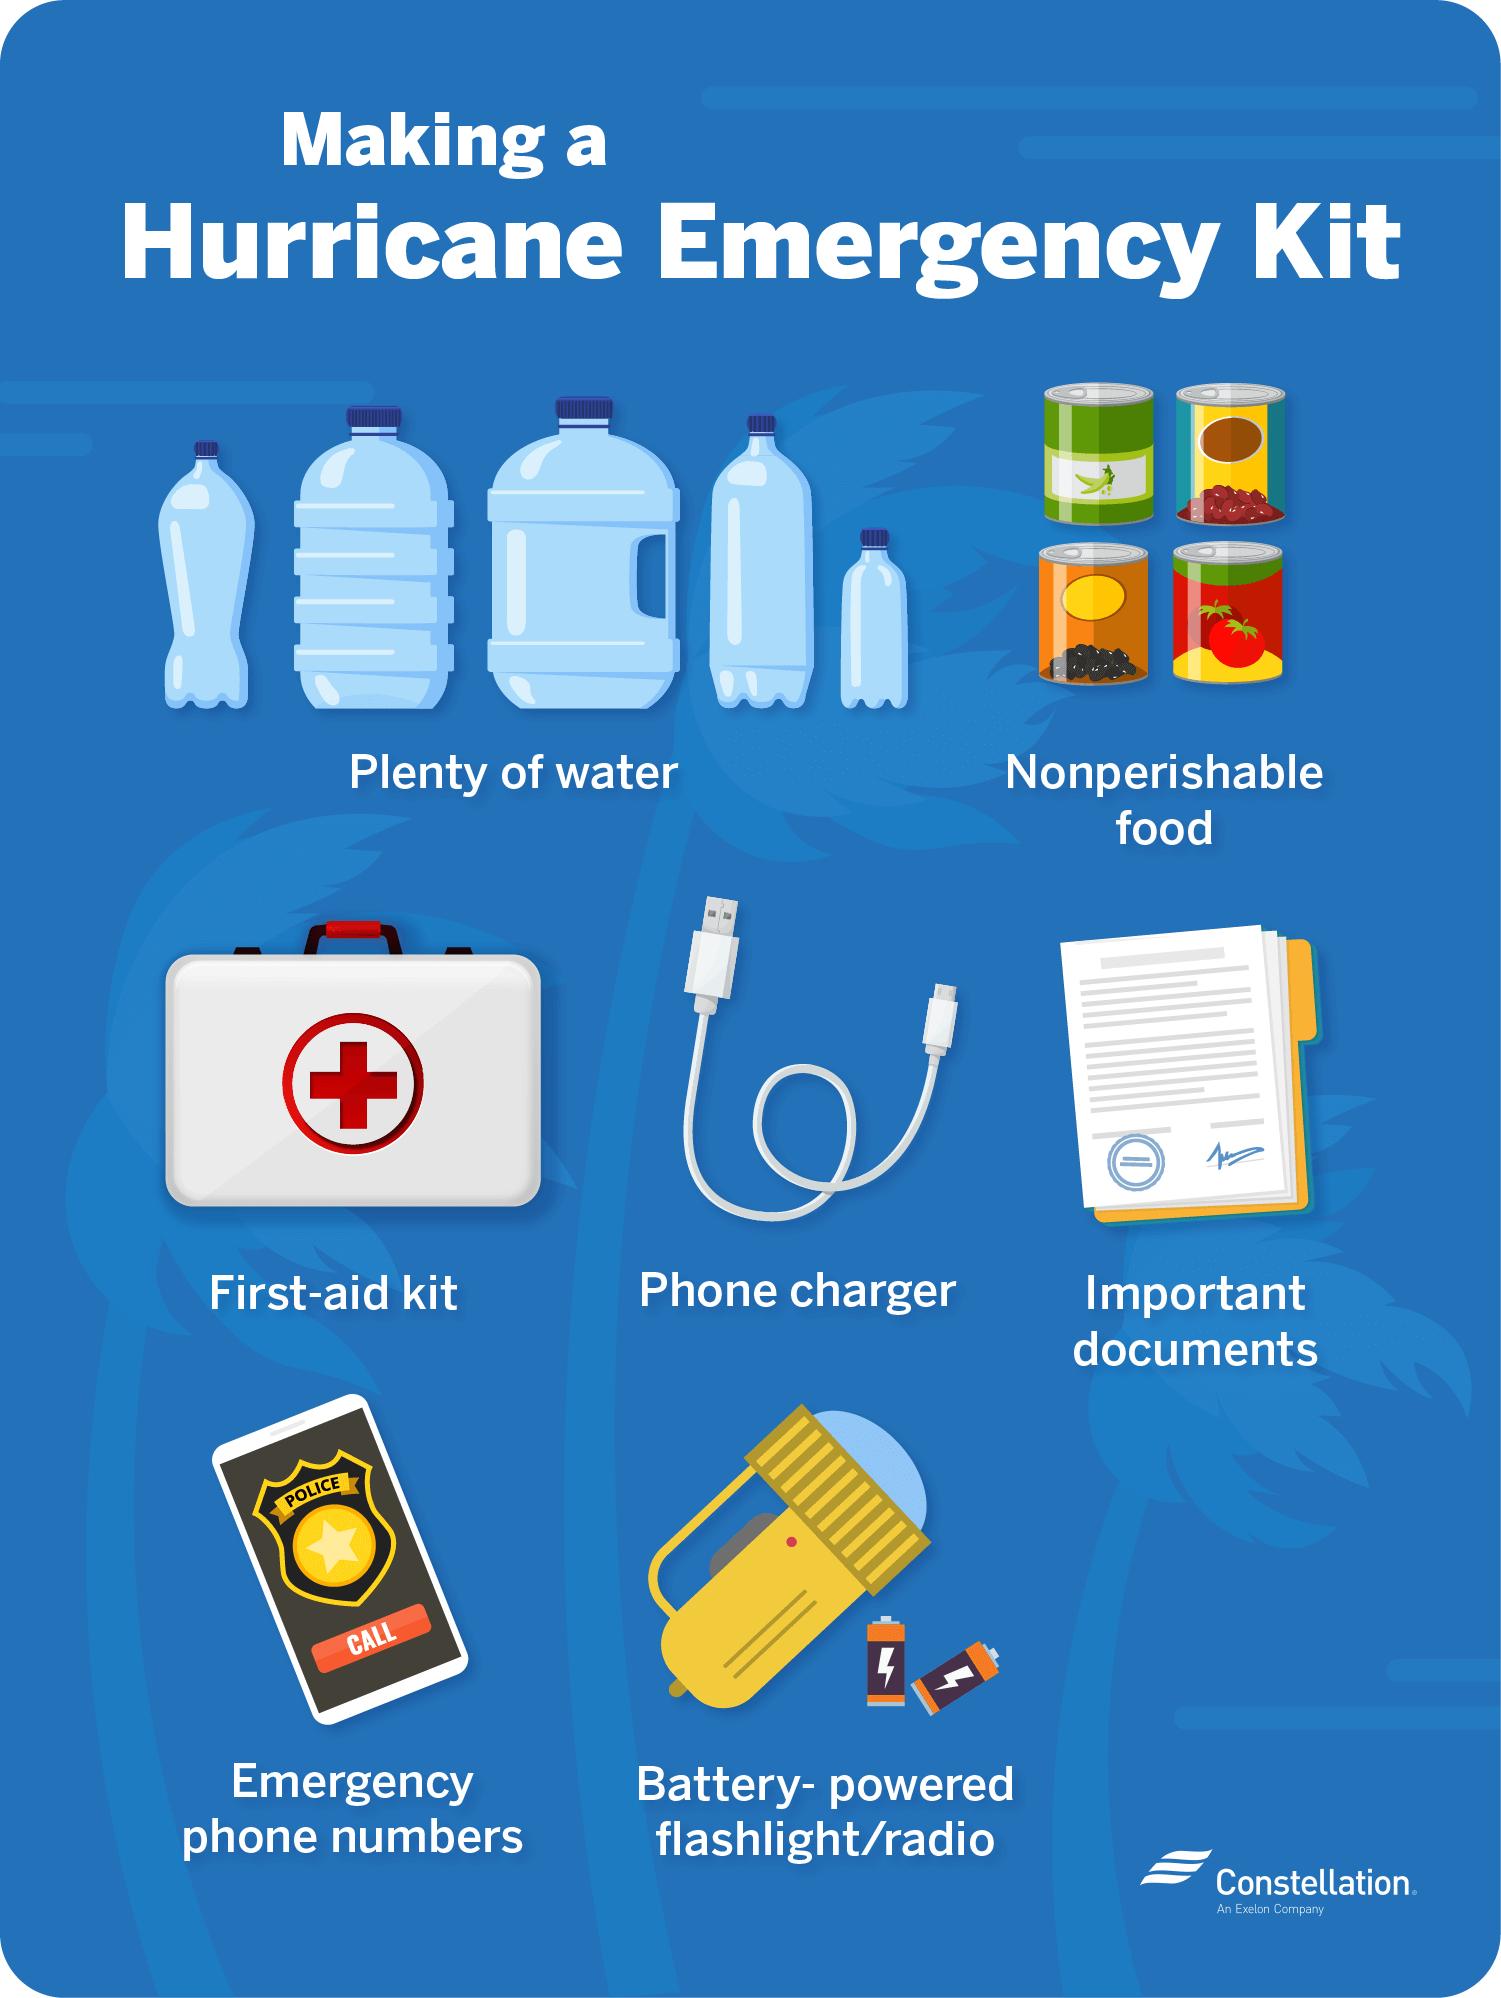 Making a hurricane emergency kit